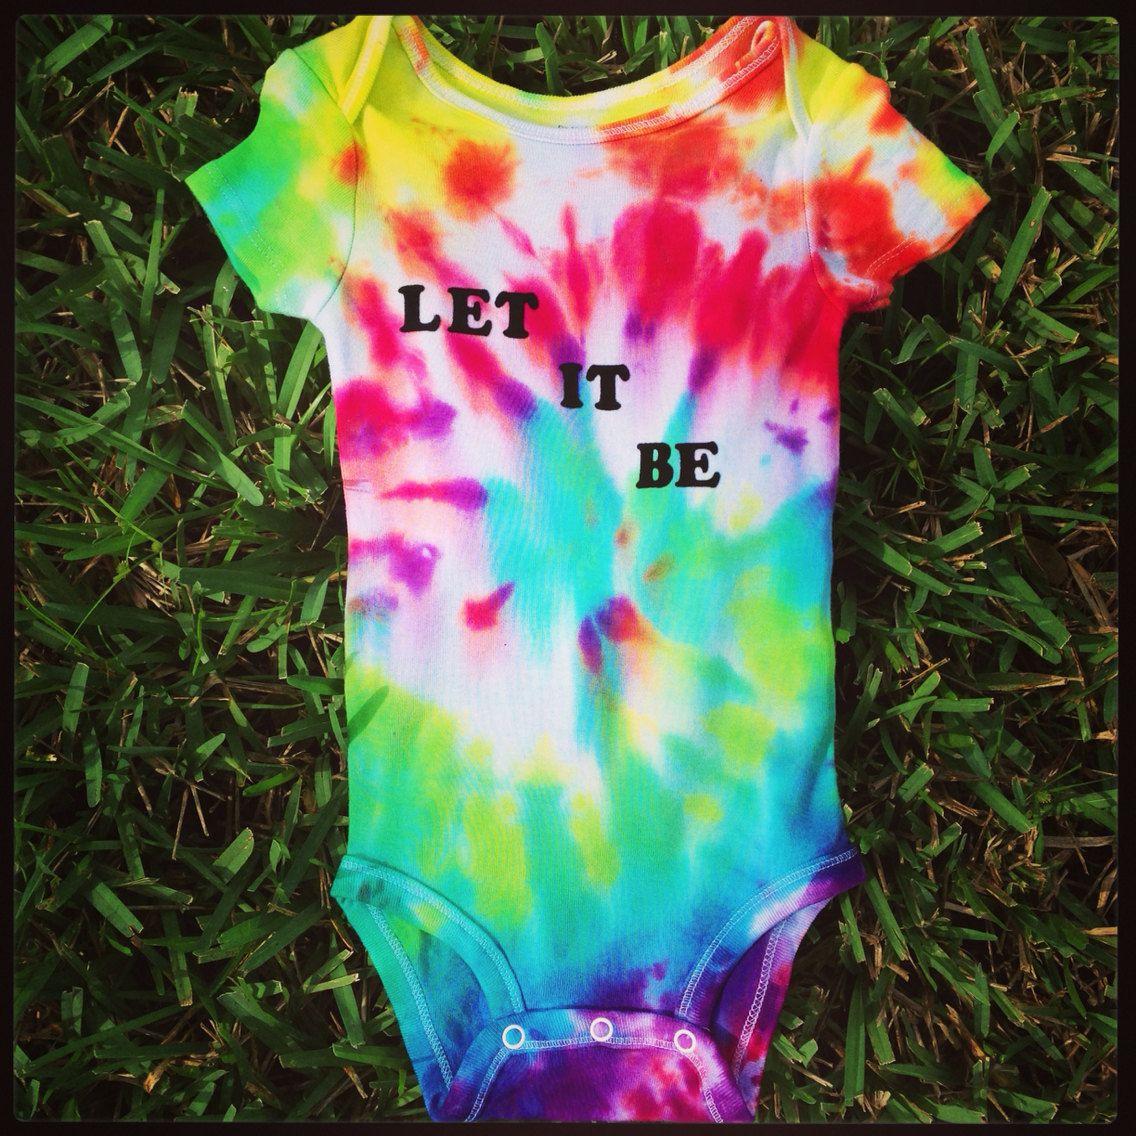 Let It Be Beatles Inspired Tie Dye Onesie By Dreamsicledrops 15 00 Beatles Inspired Tie Dye Baby Boy Outfits [ 1136 x 1136 Pixel ]